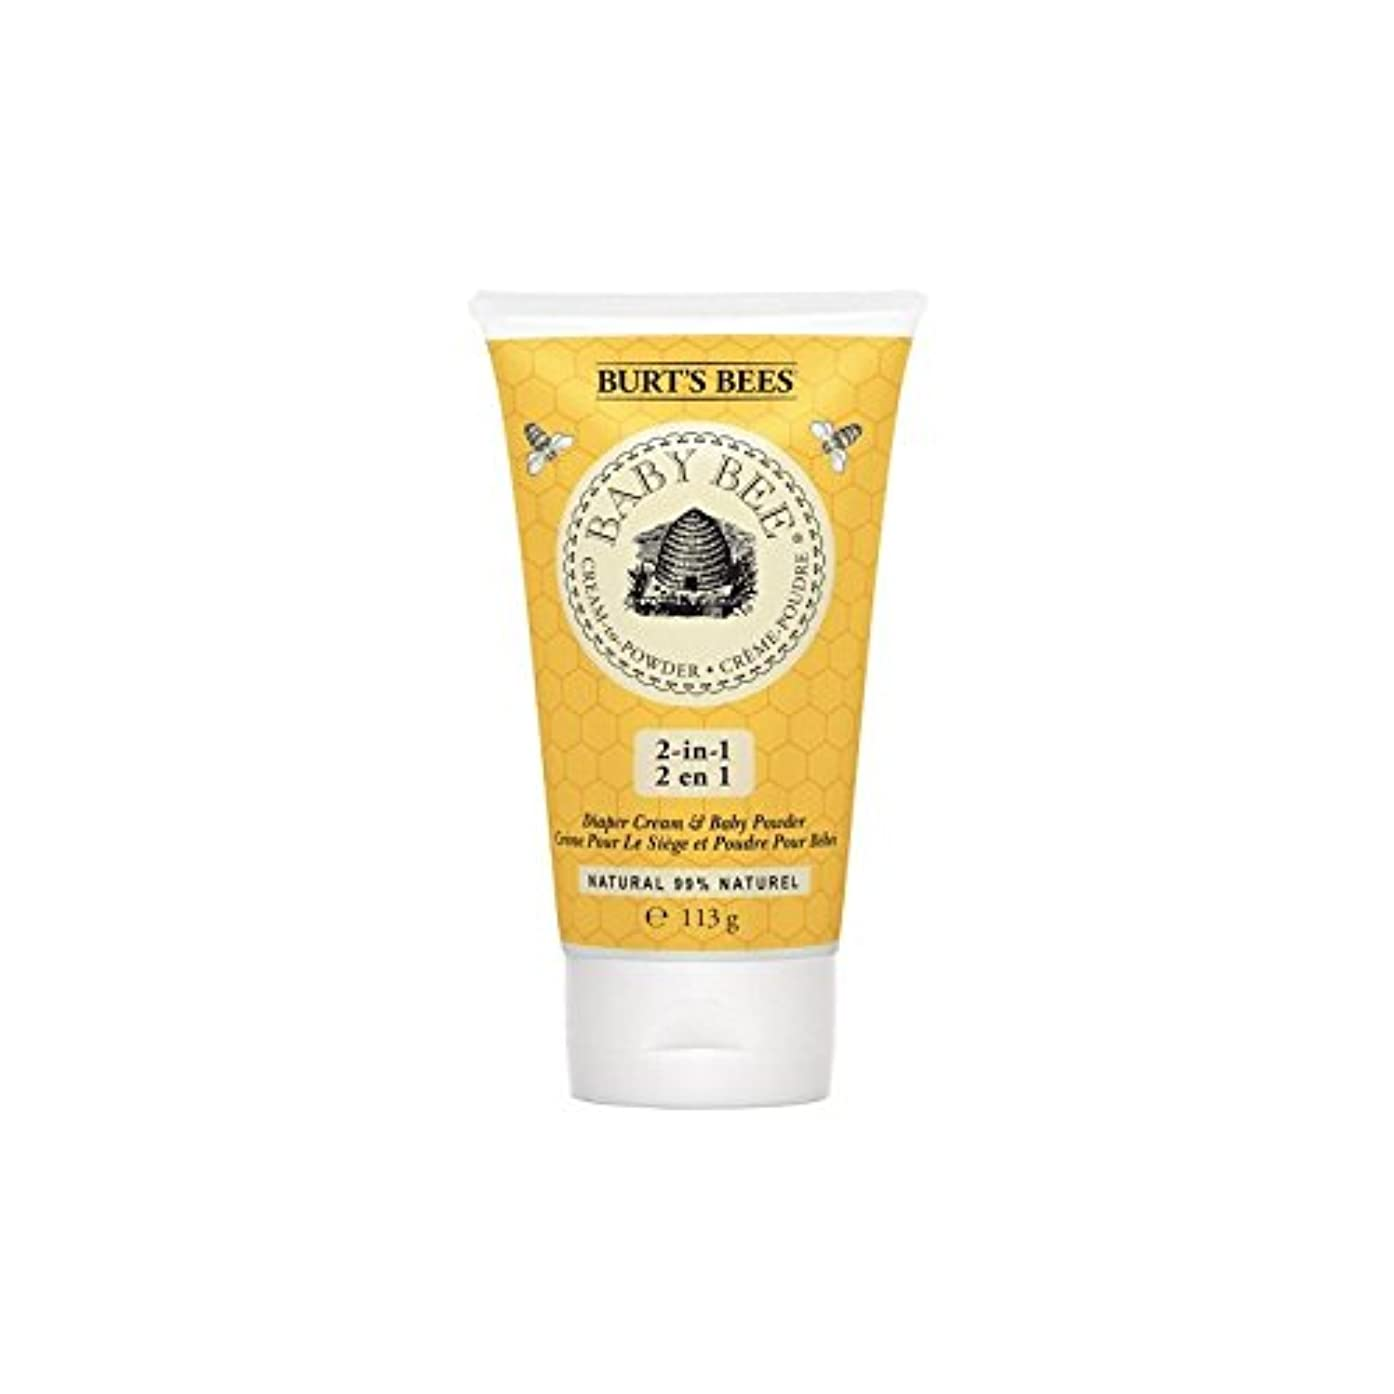 必須怠決定的粉末にバーツビークリーム x2 - Burt's Bees Cream to Powder (Pack of 2) [並行輸入品]